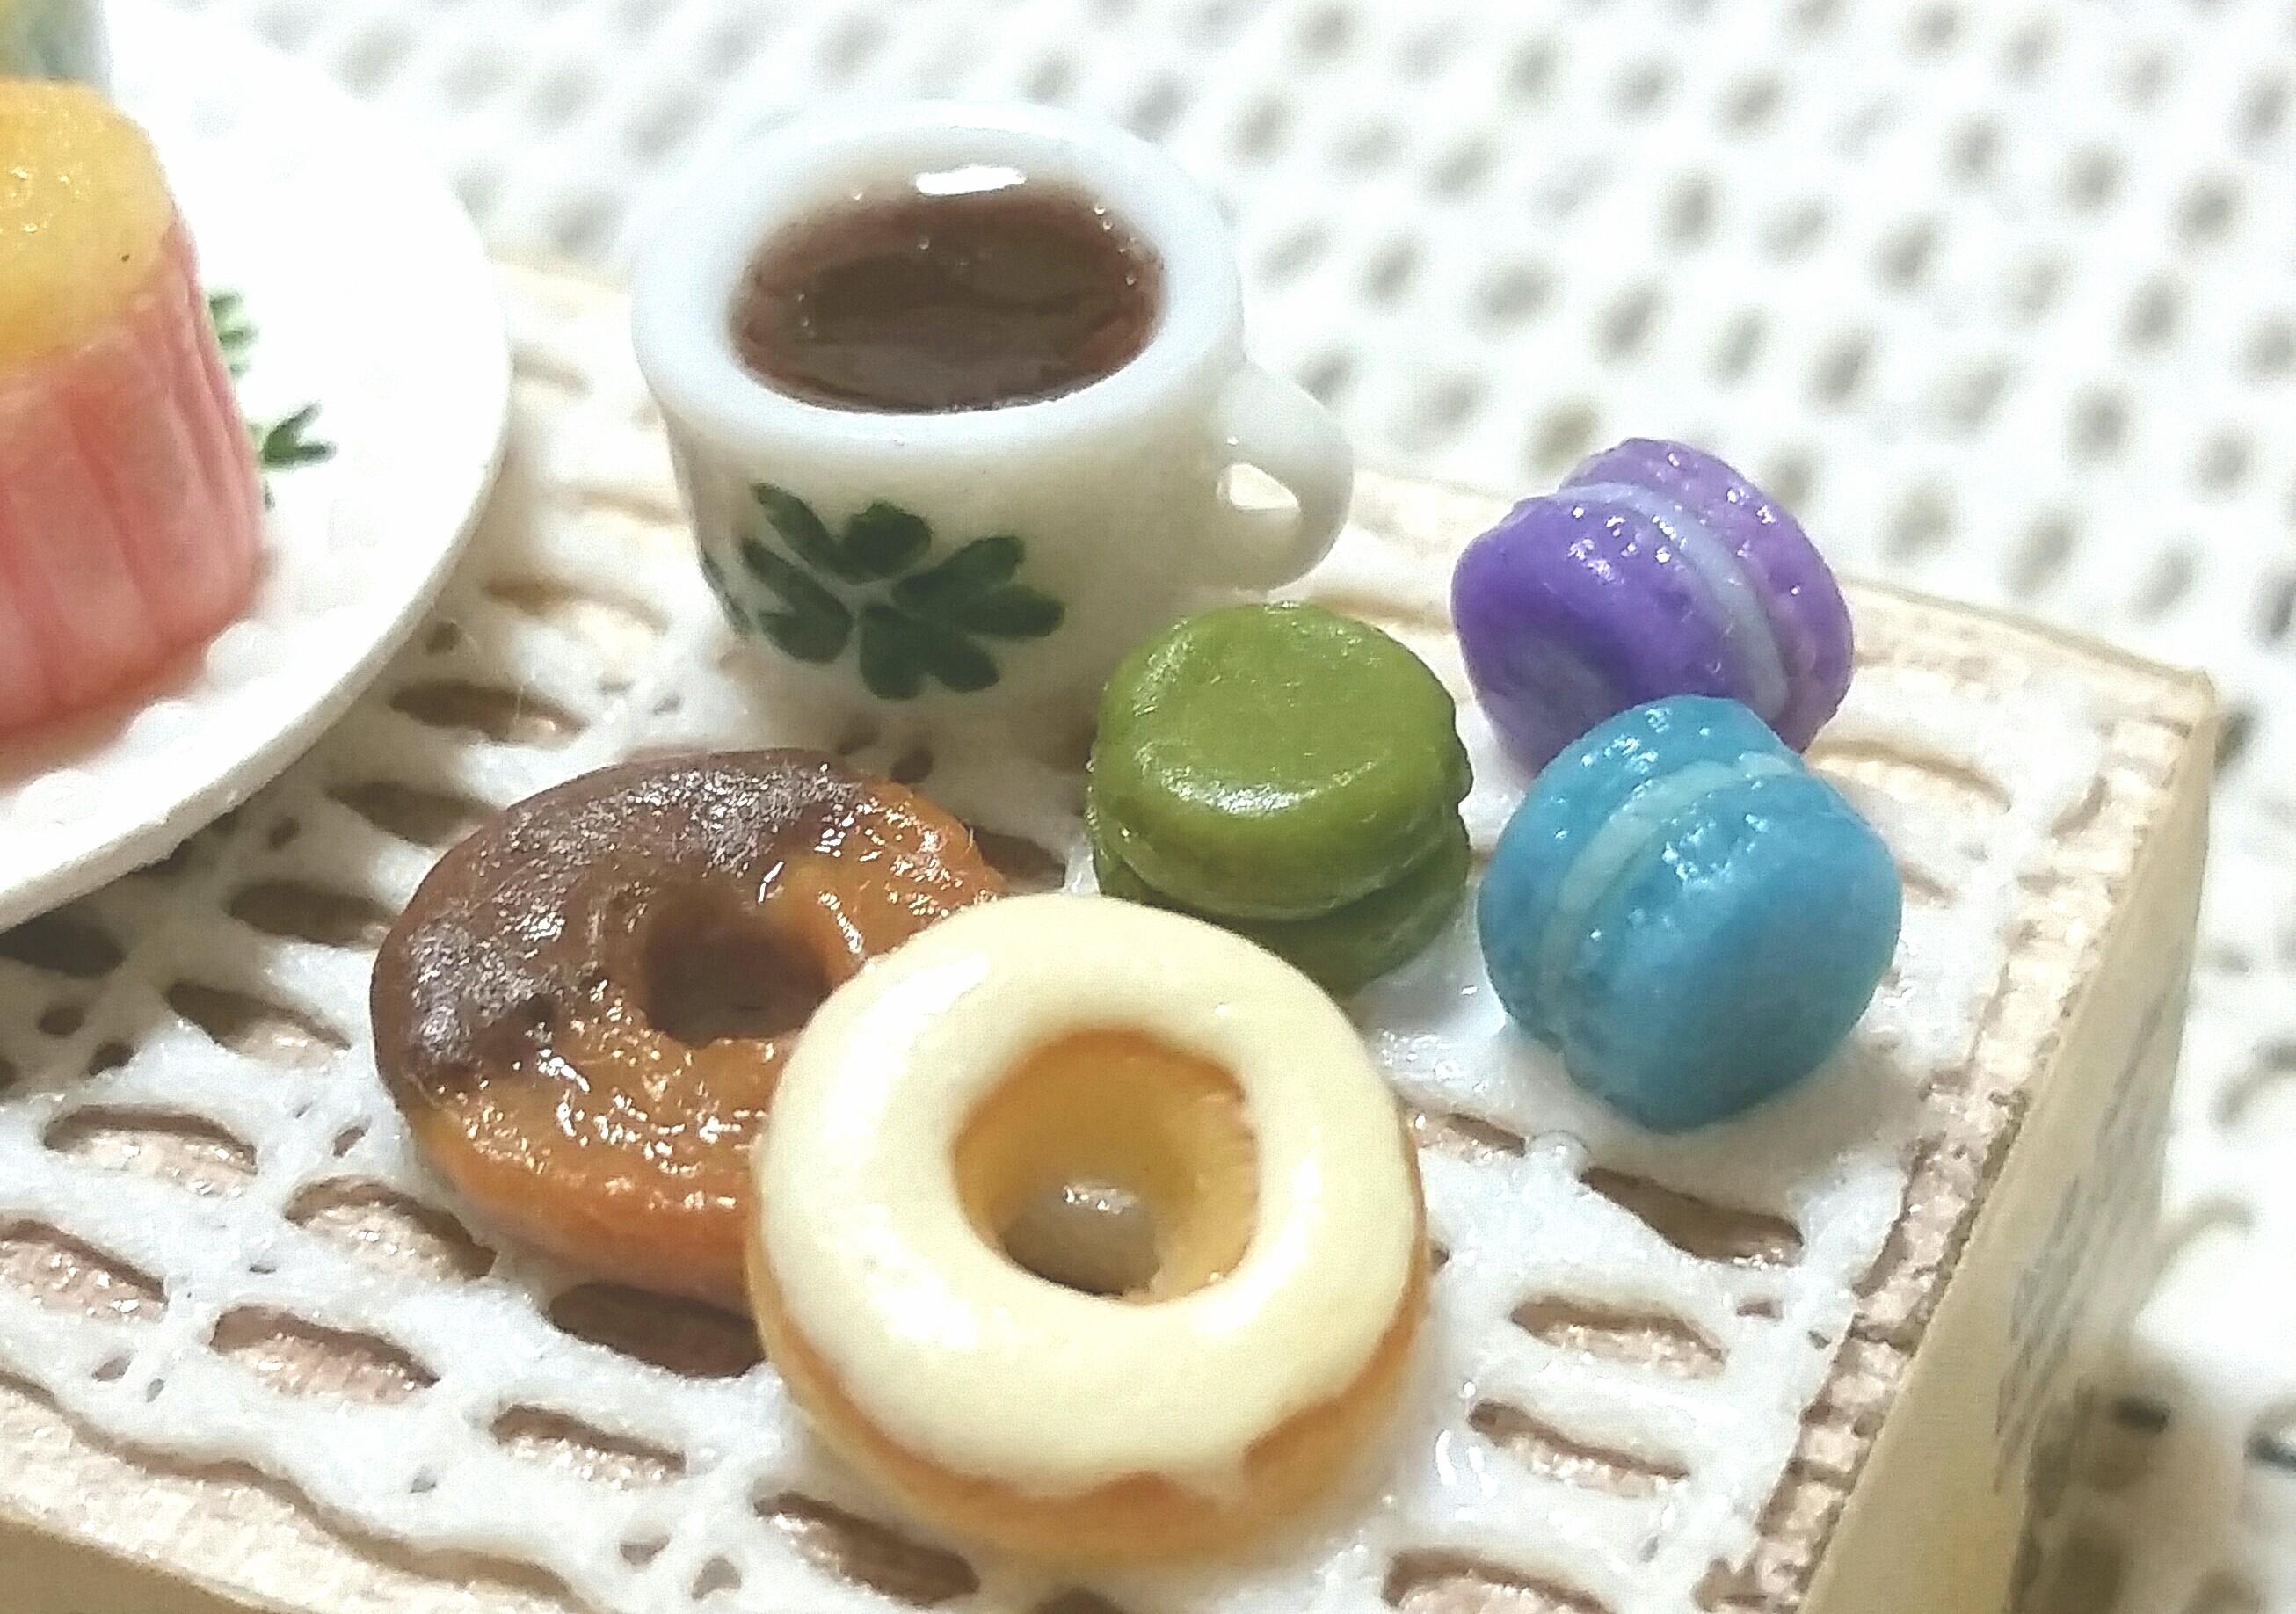 ドーナツ,人気おすすめマカロン,美味しそうお洒落な,樹脂粘土,ブログ